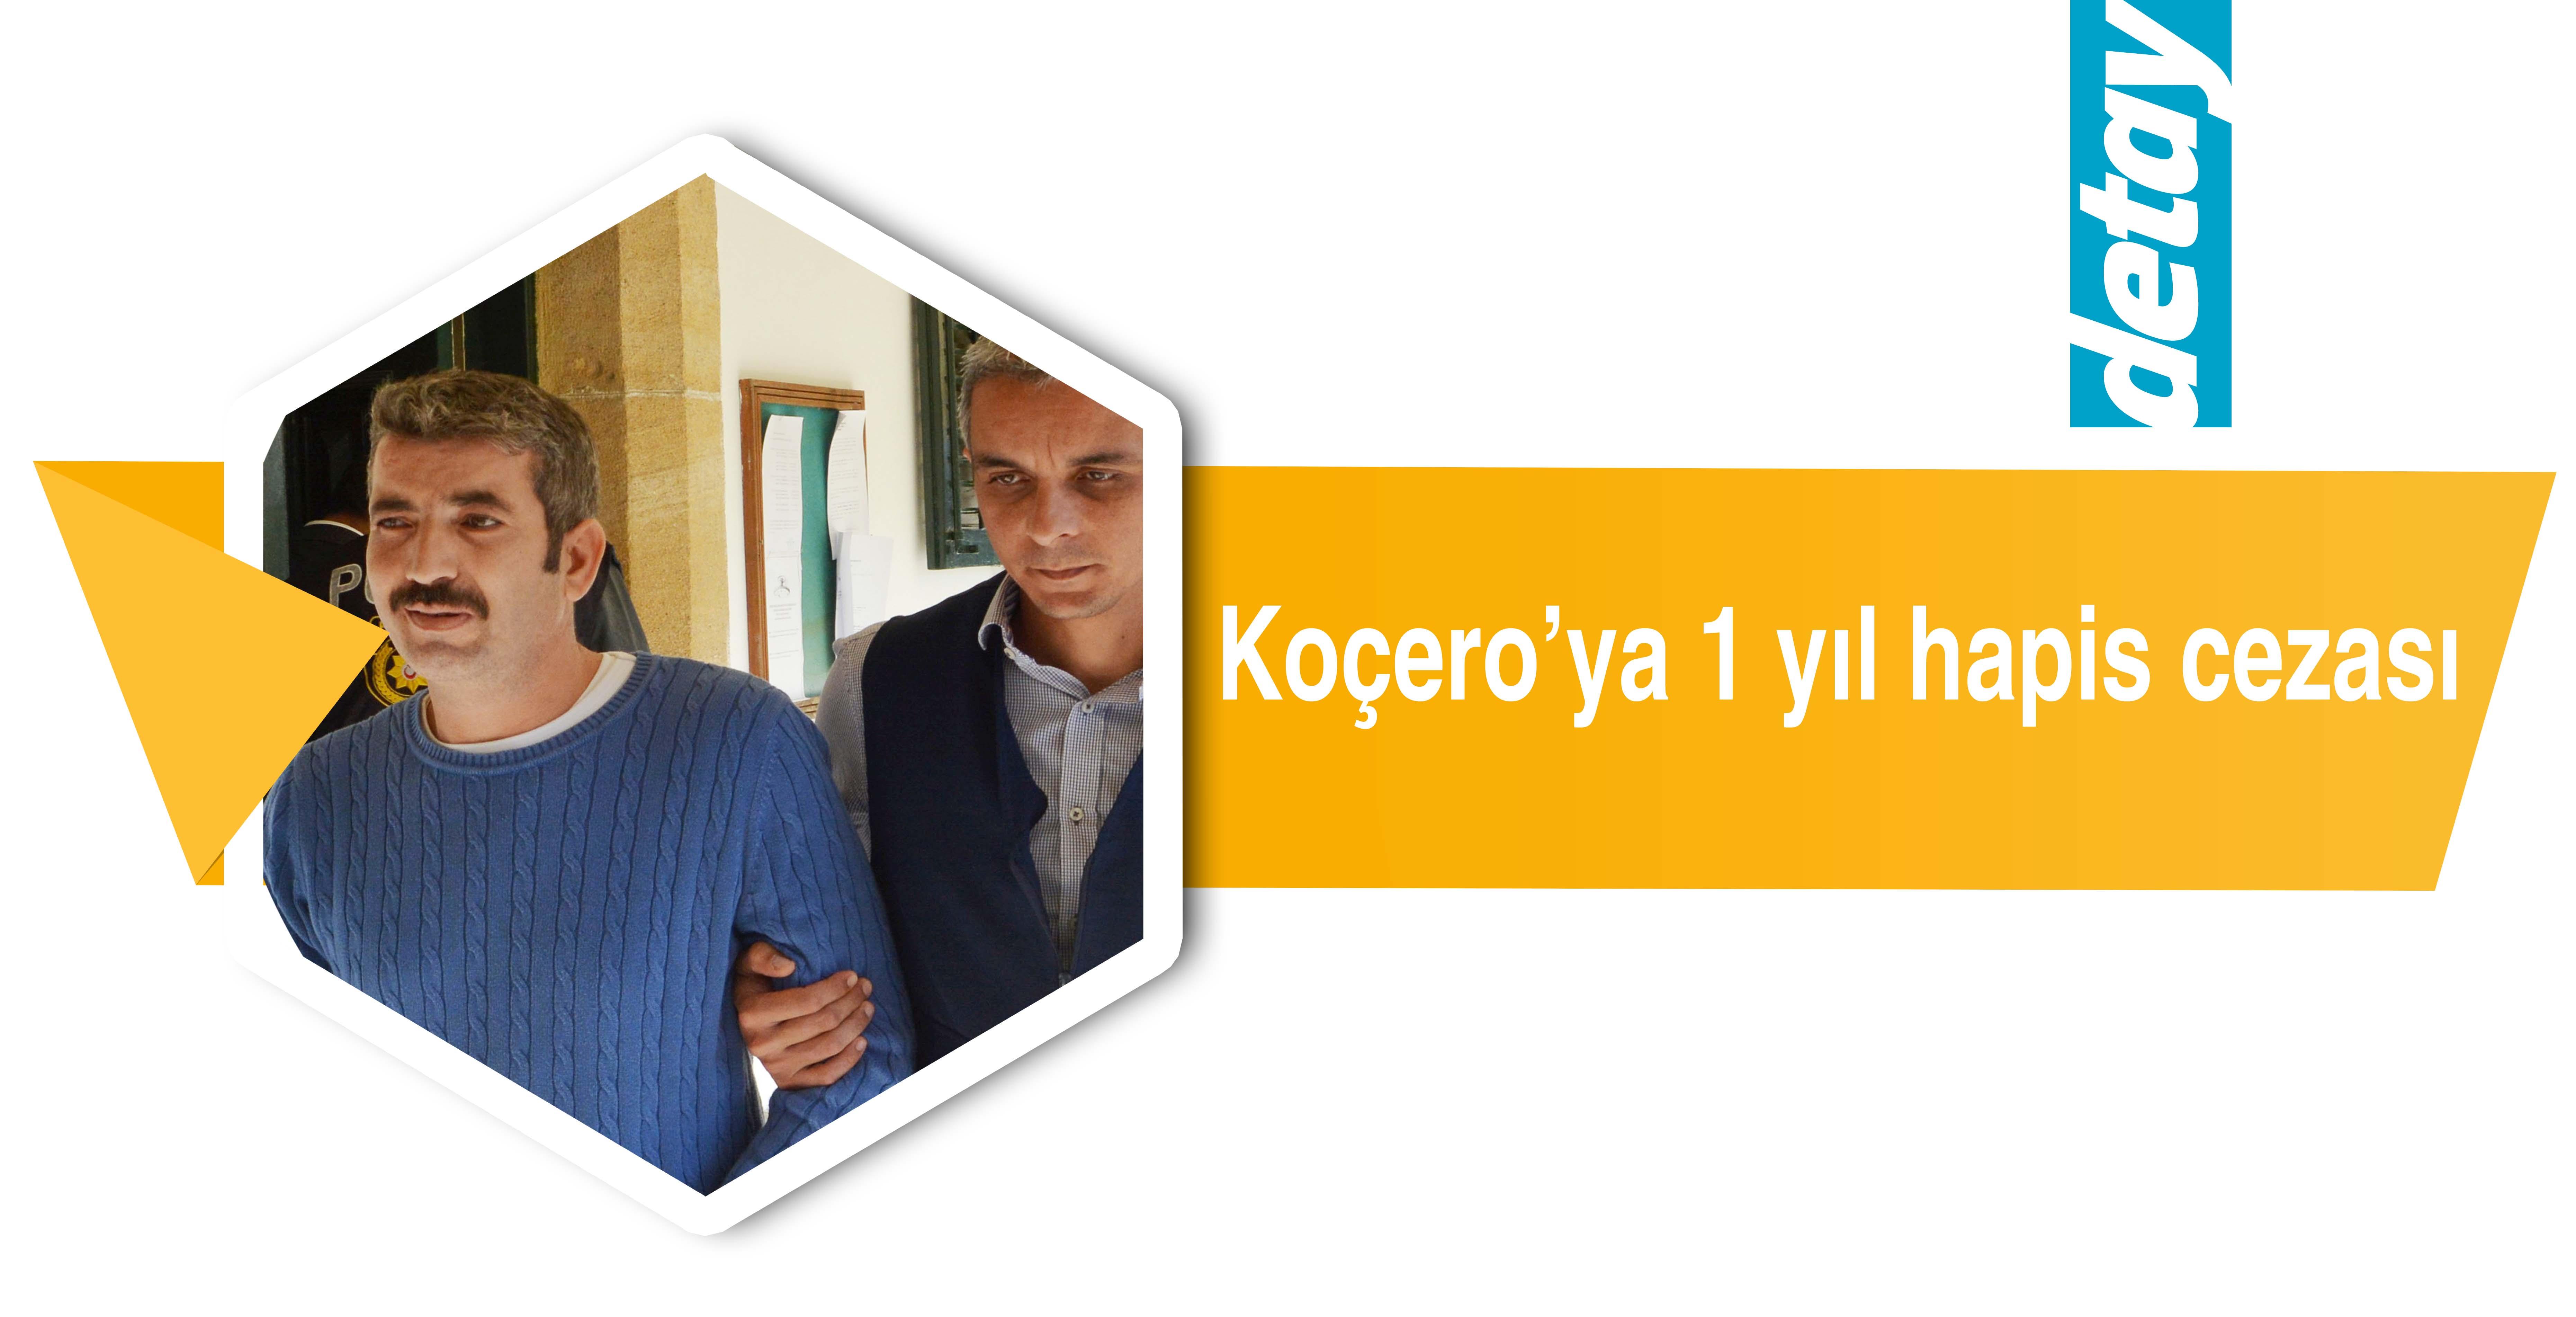 Koçero'ya 1 yıl hapis cezası